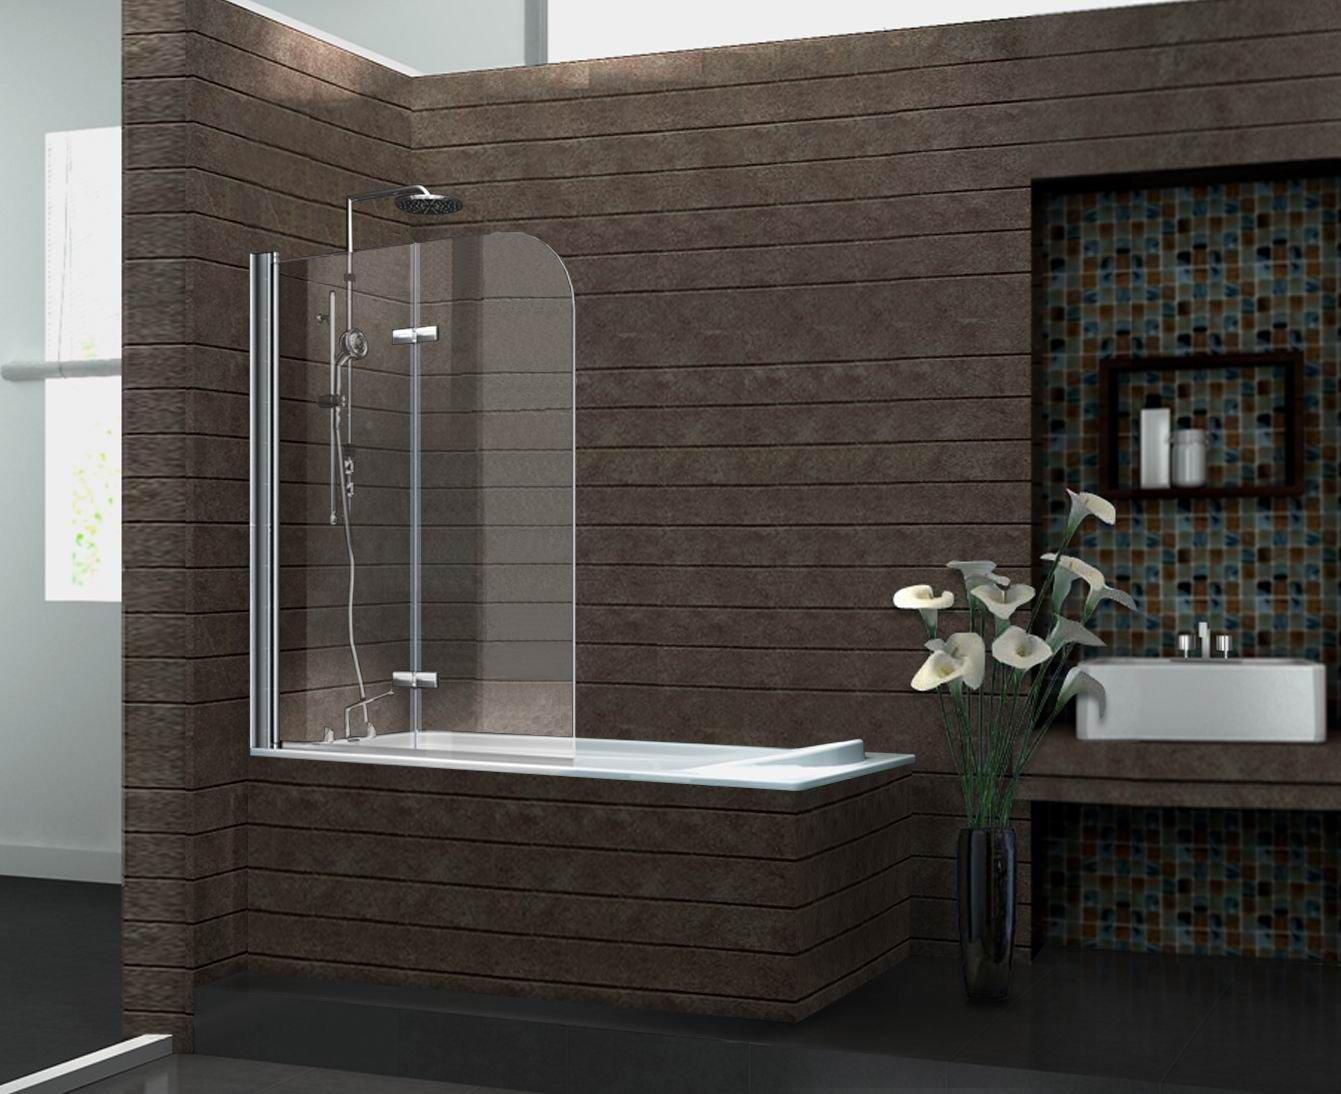 Duschtrennwand BREASE 120 x 140 (Badewanne): Amazon.de: Baumarkt